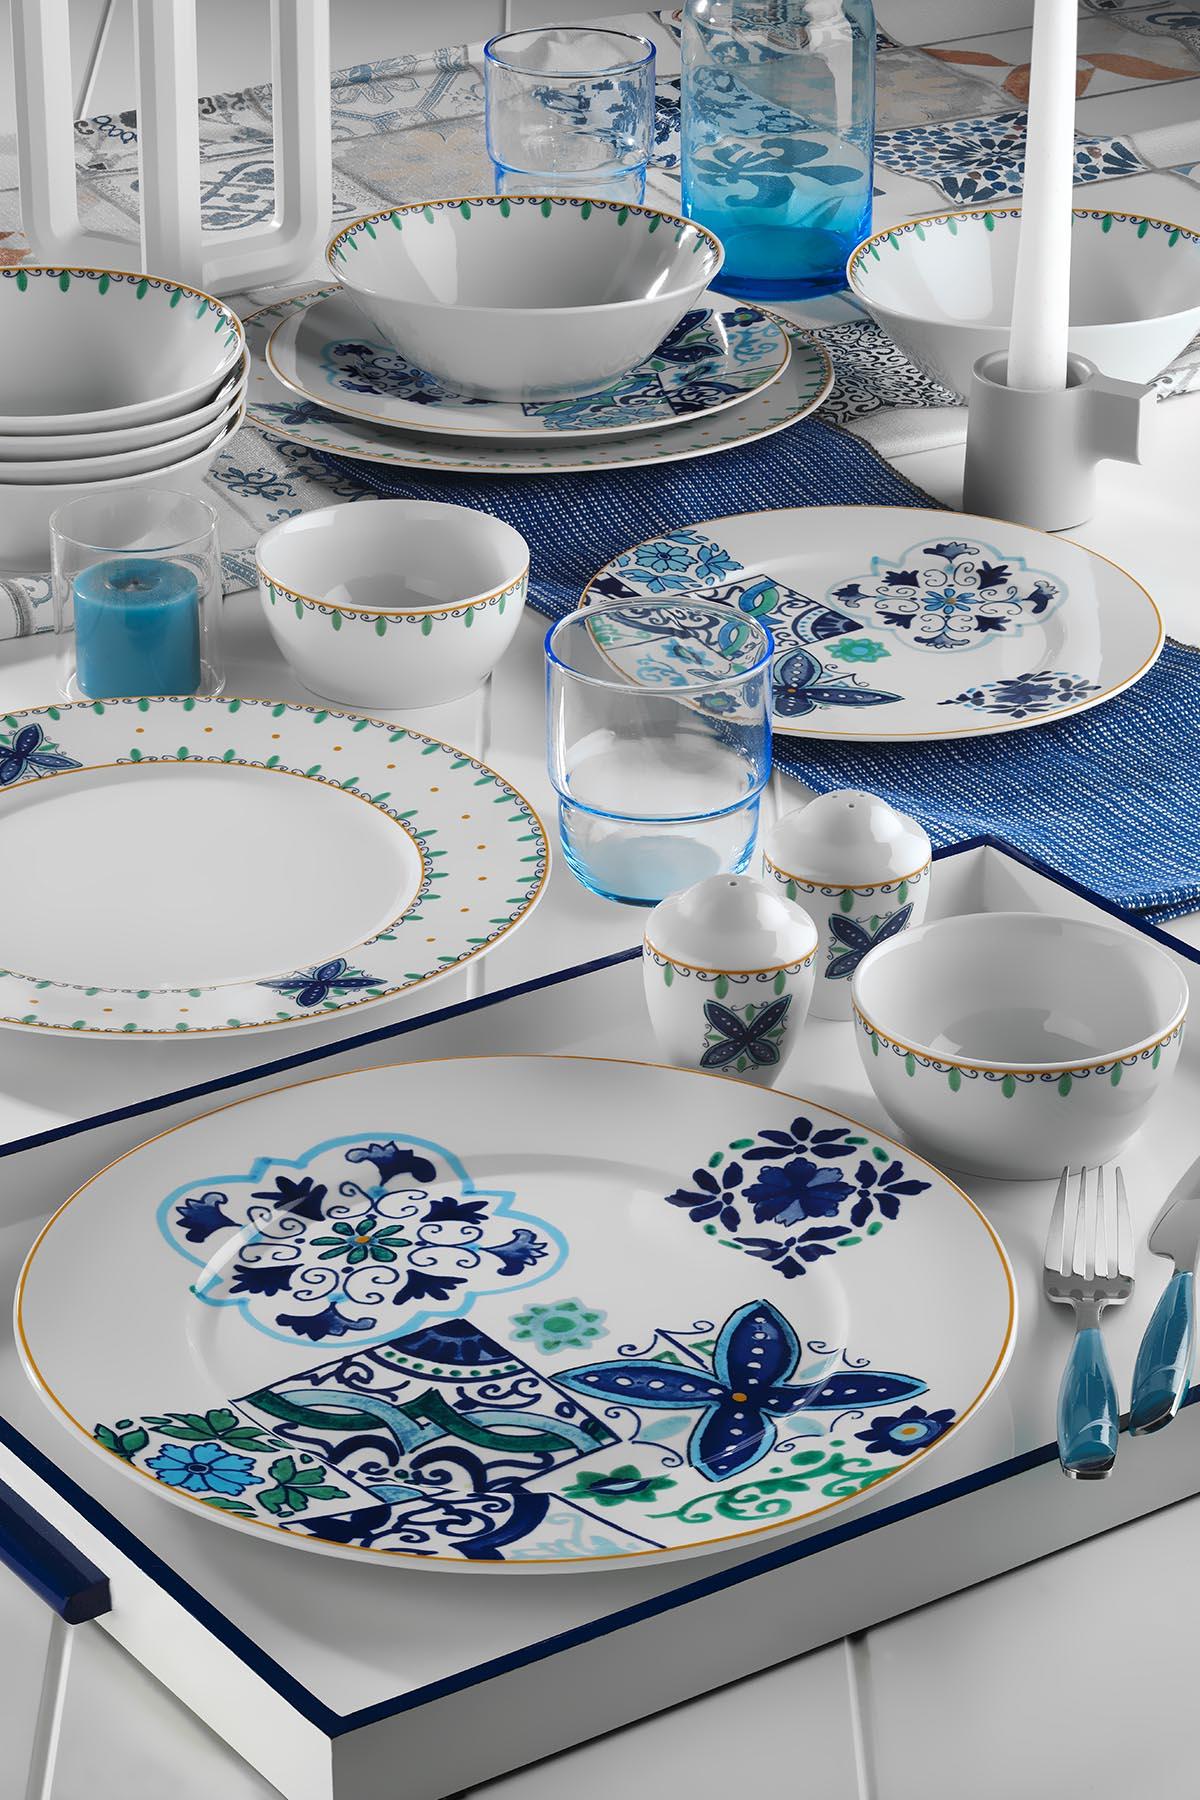 Kütahya Porselen - Kütahya Porselen Leonberg 35 Parça 10396 Desen Brunch Set